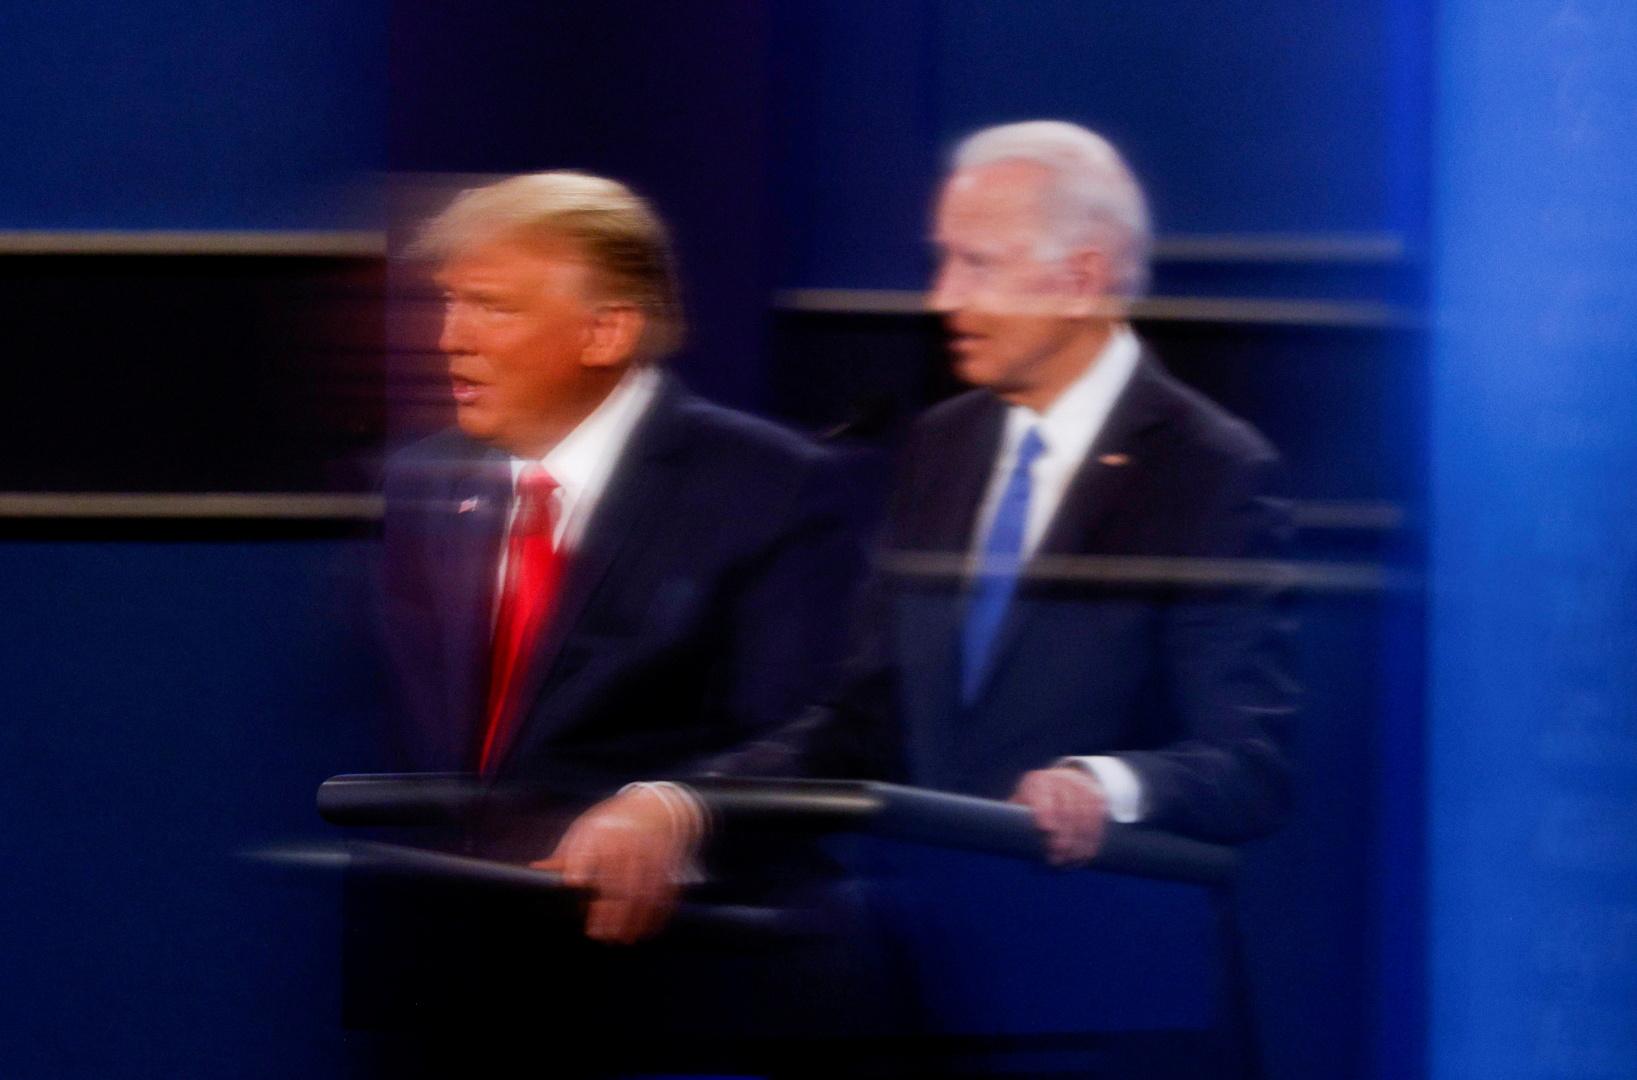 المرشح الديمقراطي المنتخب جو بايدن والرئيس الأمريكي دونالد ترامب